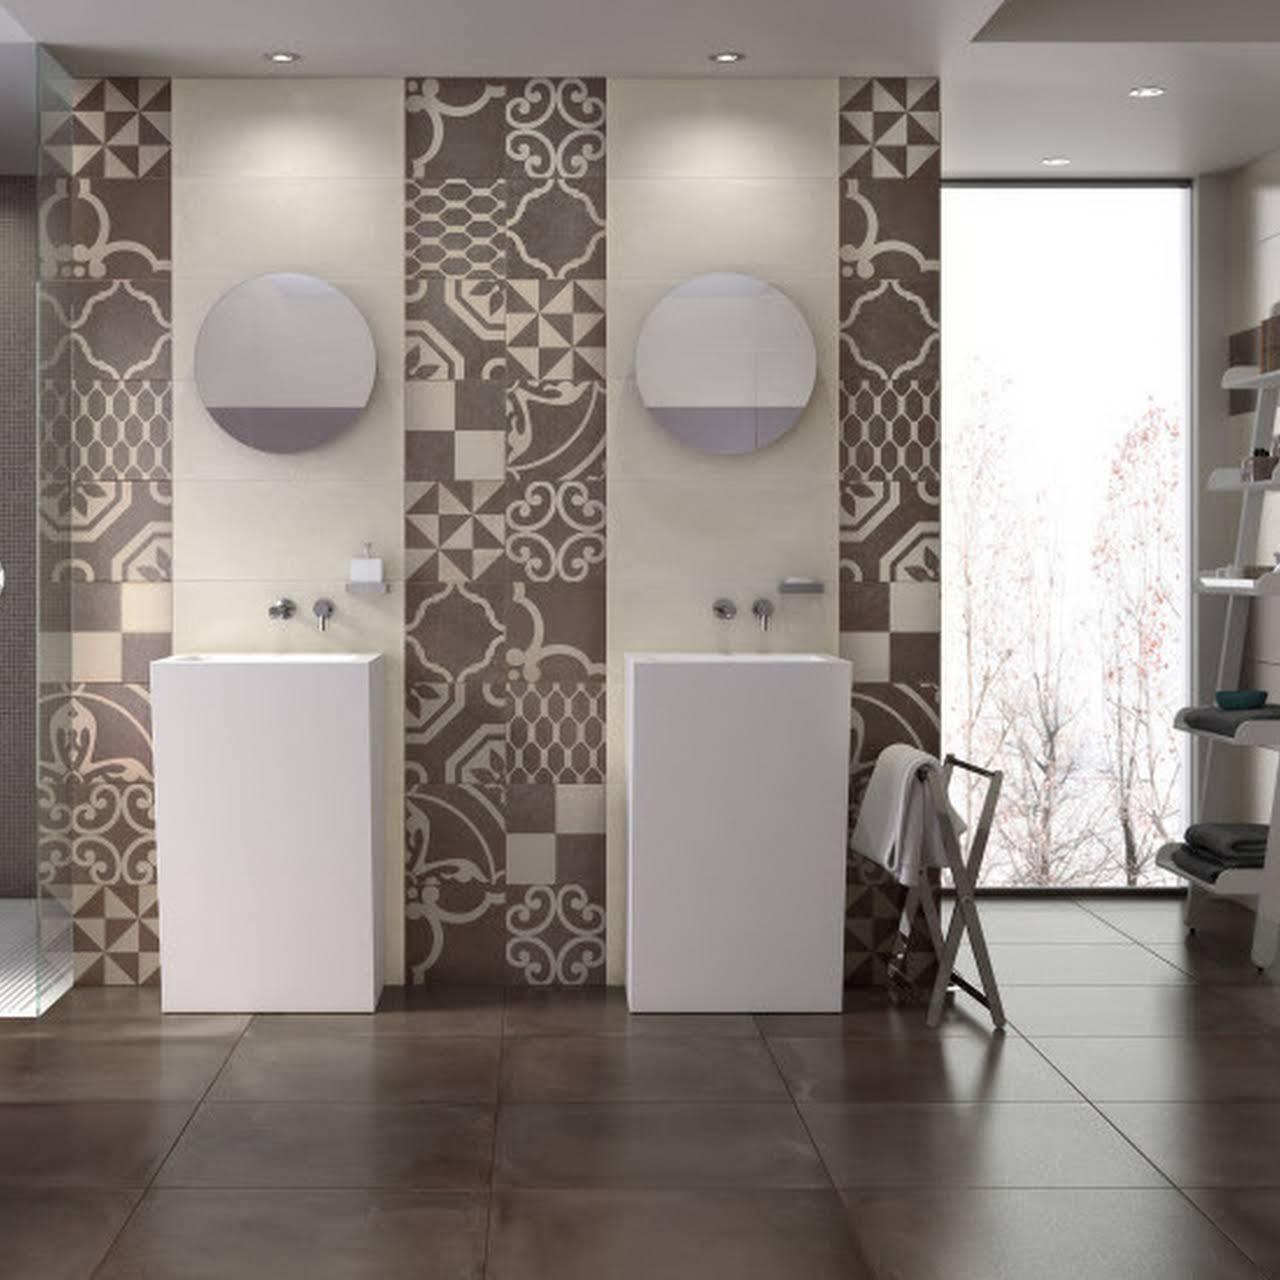 Arredo bagno roma aperto domenica trendy arredo bagno for Arredo bagno milano e provincia